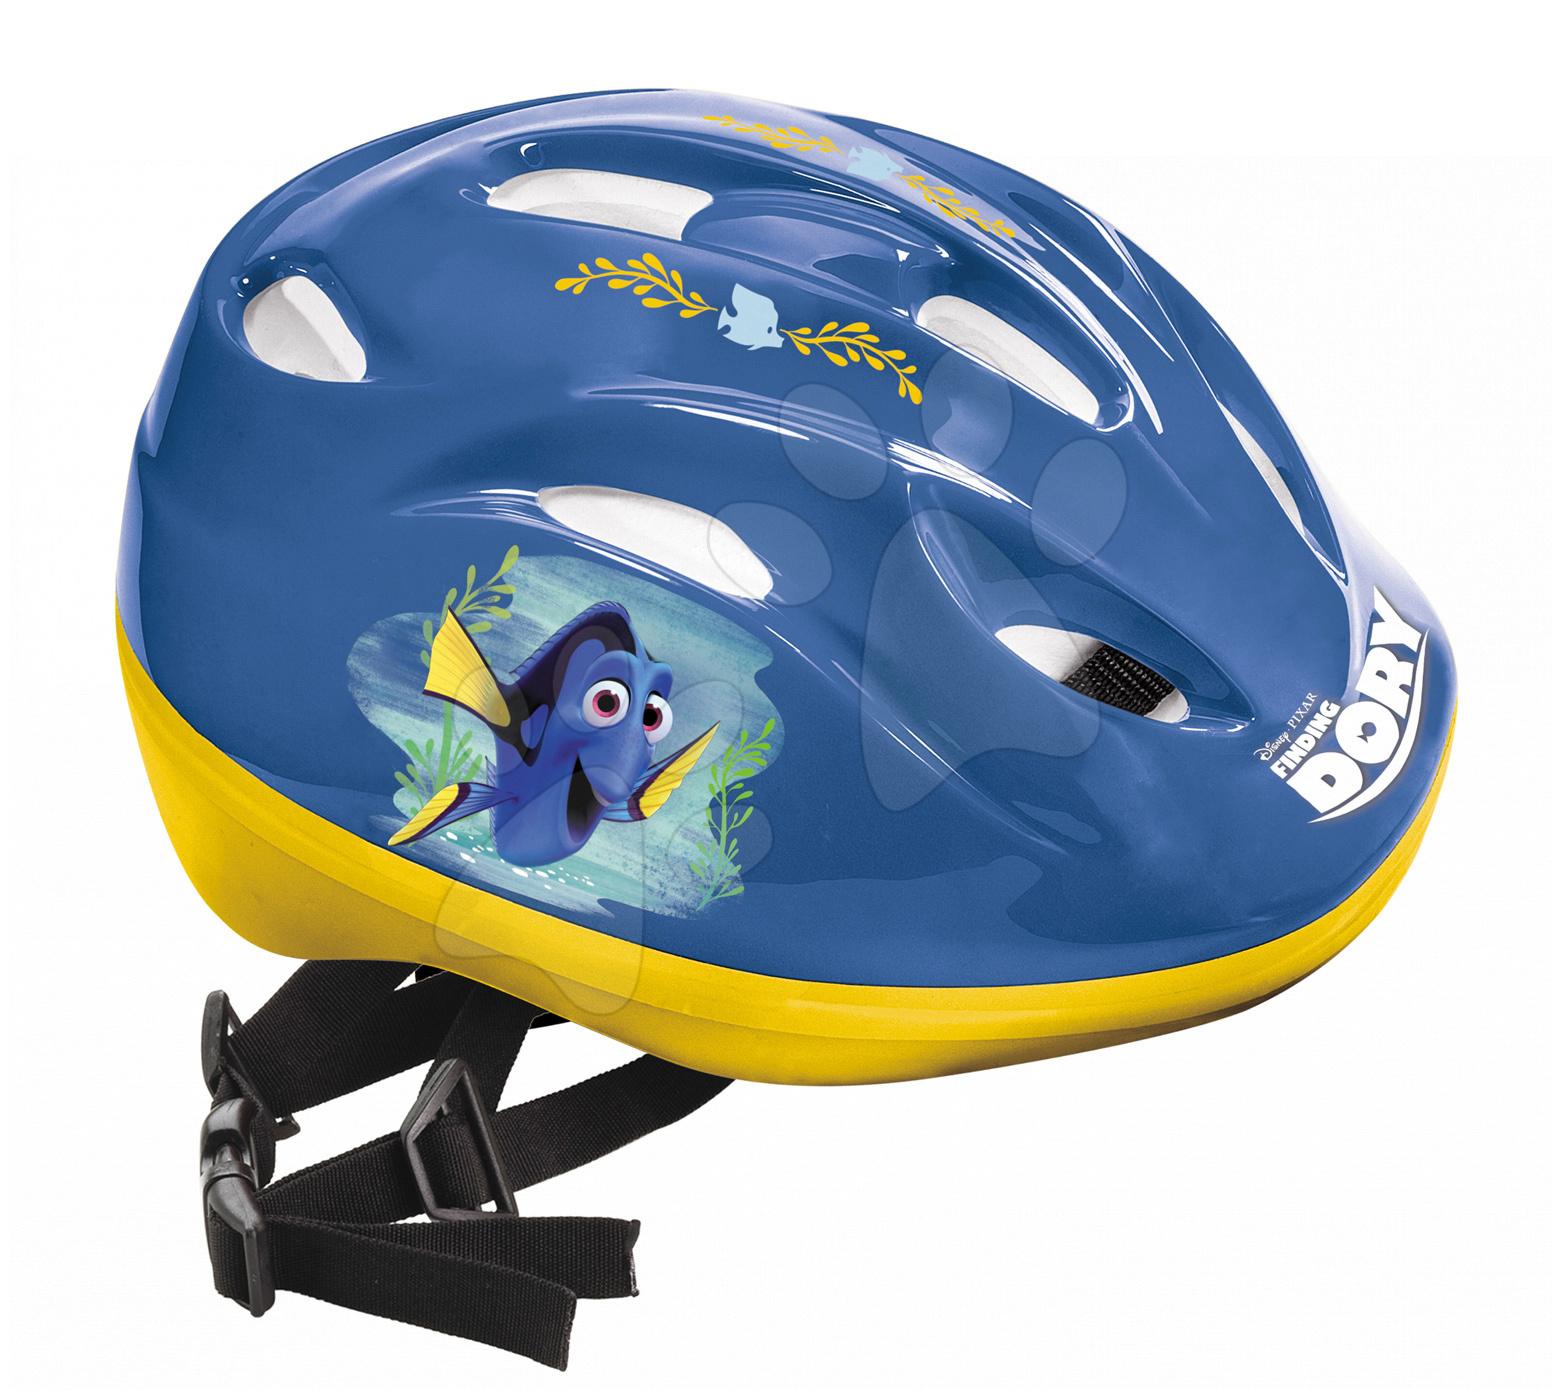 Detské prilby - Prilba Hľadá sa Dory Mondo veľkosť 52-56 modro-žltá